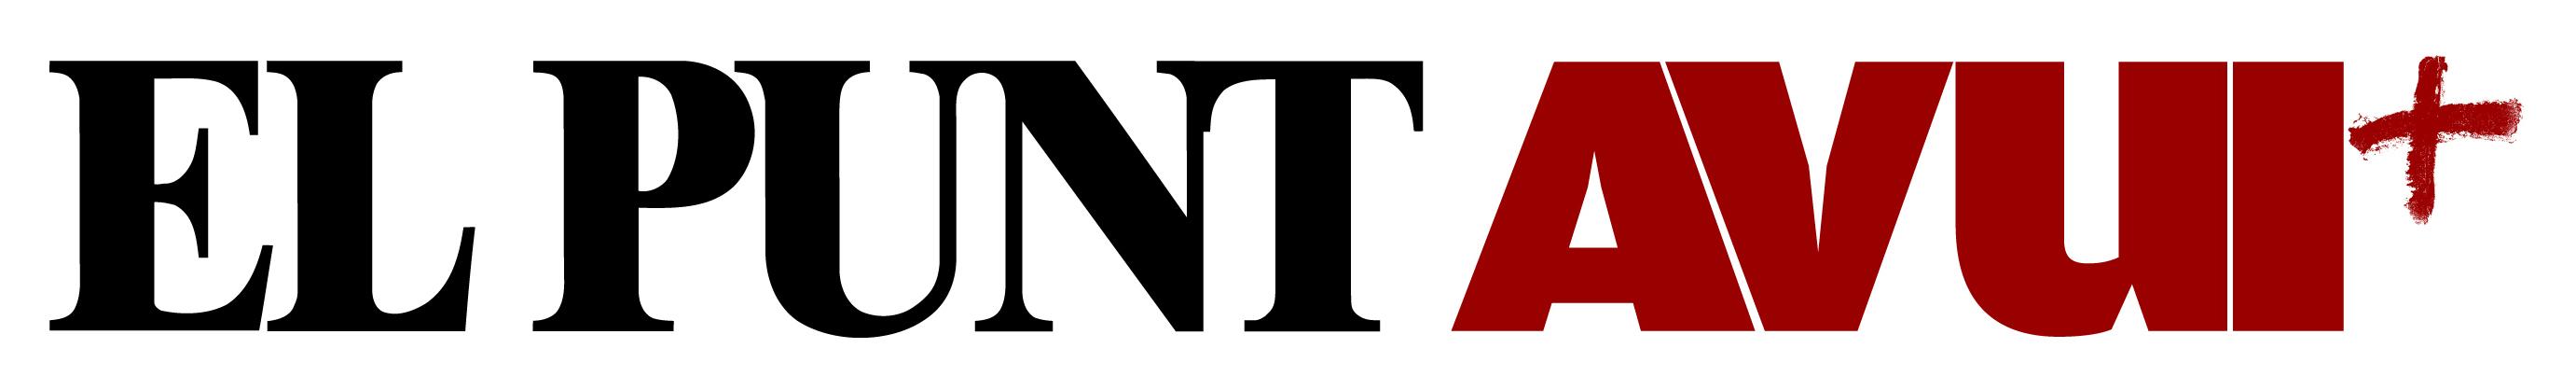 Logotip Portada El Punt Avui